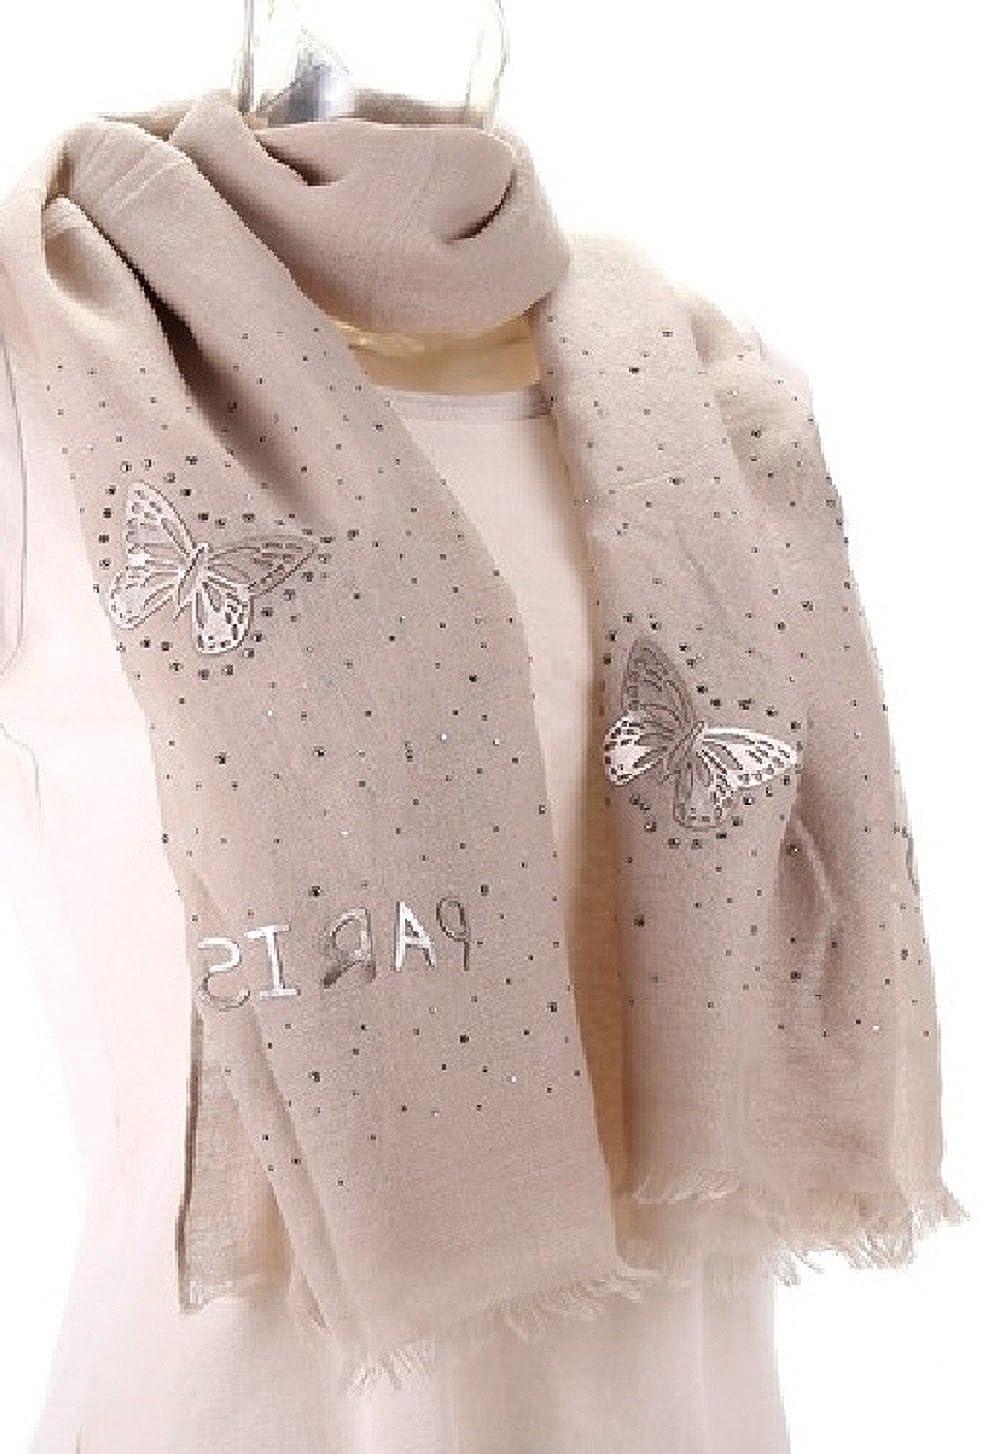 9adc2de82f0e Echarpe foulard champagne papillons simili cuir et strass  Amazon.fr   Vêtements et accessoires